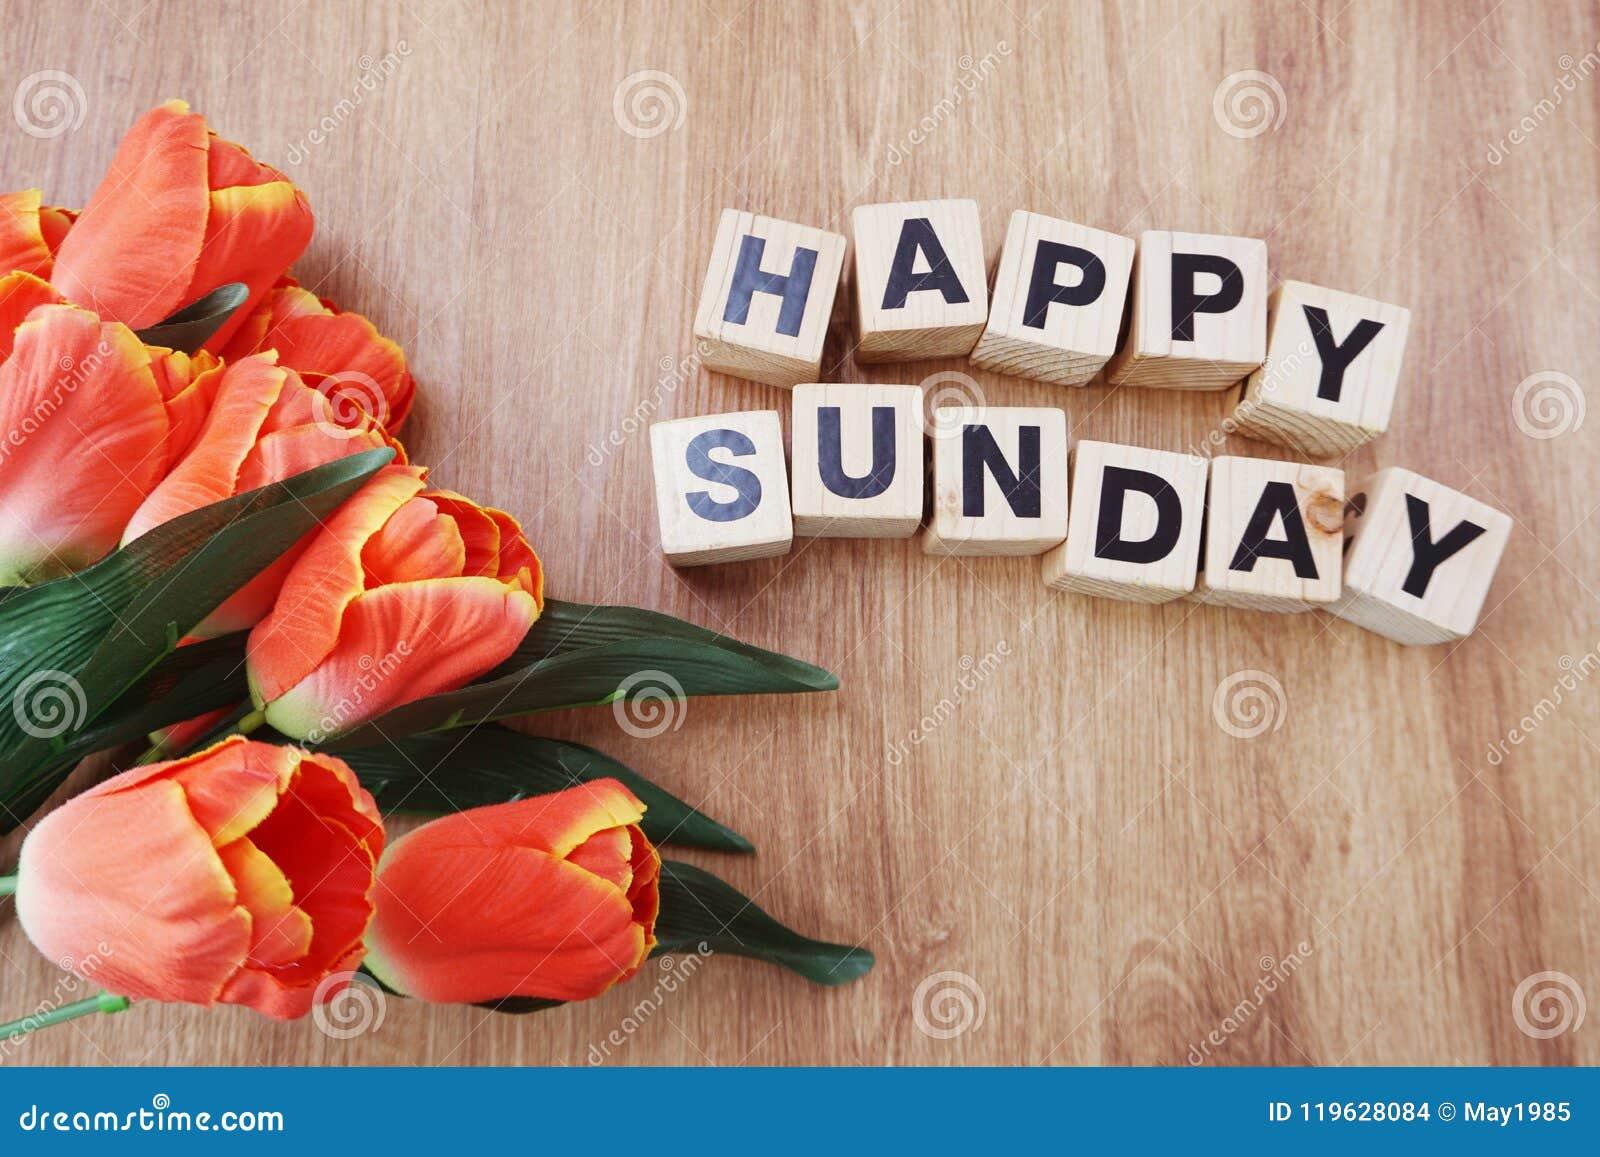 Happy Sunday On Wooden Background Stock Photo Image Of Design